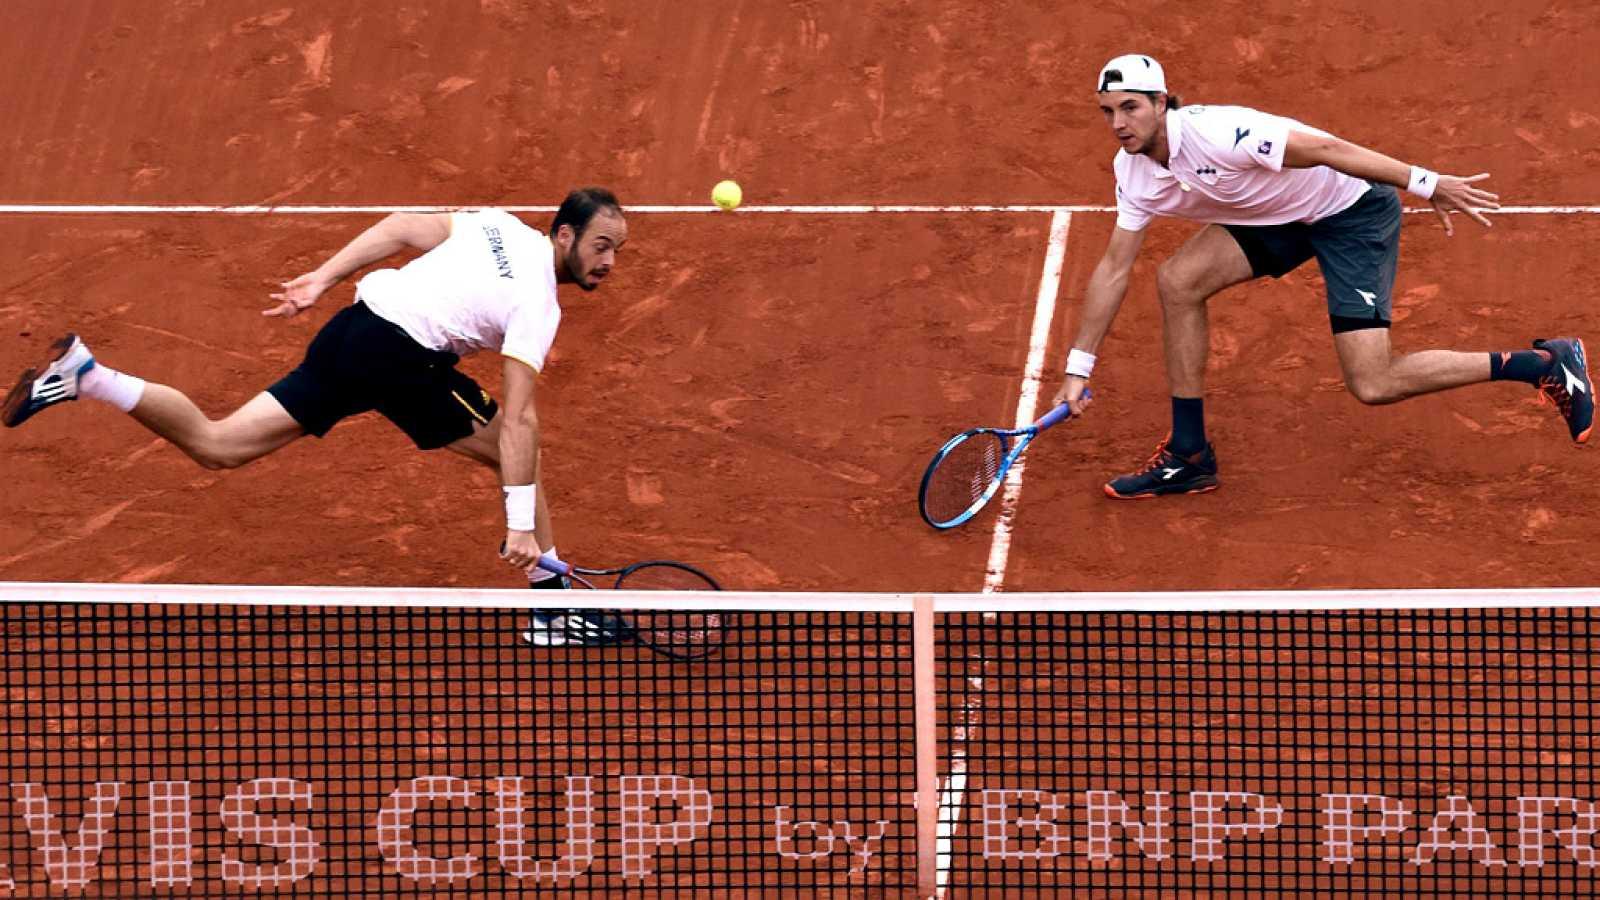 La victoria de la pareja de dobles formada por Jan-Lennard Struff y Tim Puetz dio a Alemania el segundo punto de la eliminatoria de cuartos de final de la Copa Davis ante España, obligada a ganar este domingo los dos puntos individuales para alcanzar